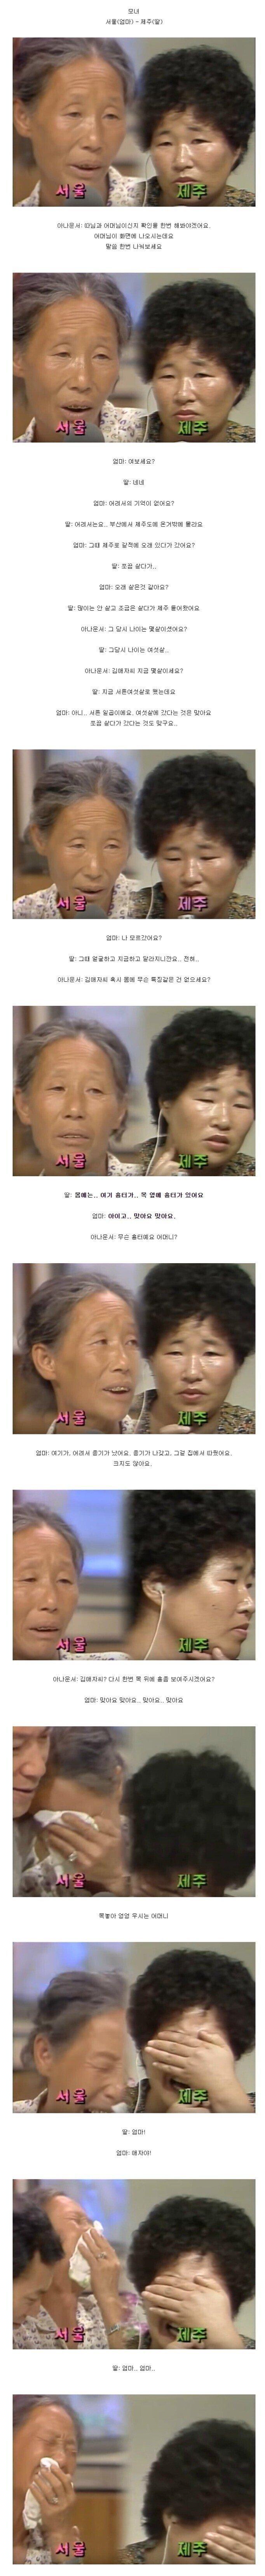 pic_003.jpg 유네스코 세계 기록 유산으로 지정된 한국 생방송.JPG